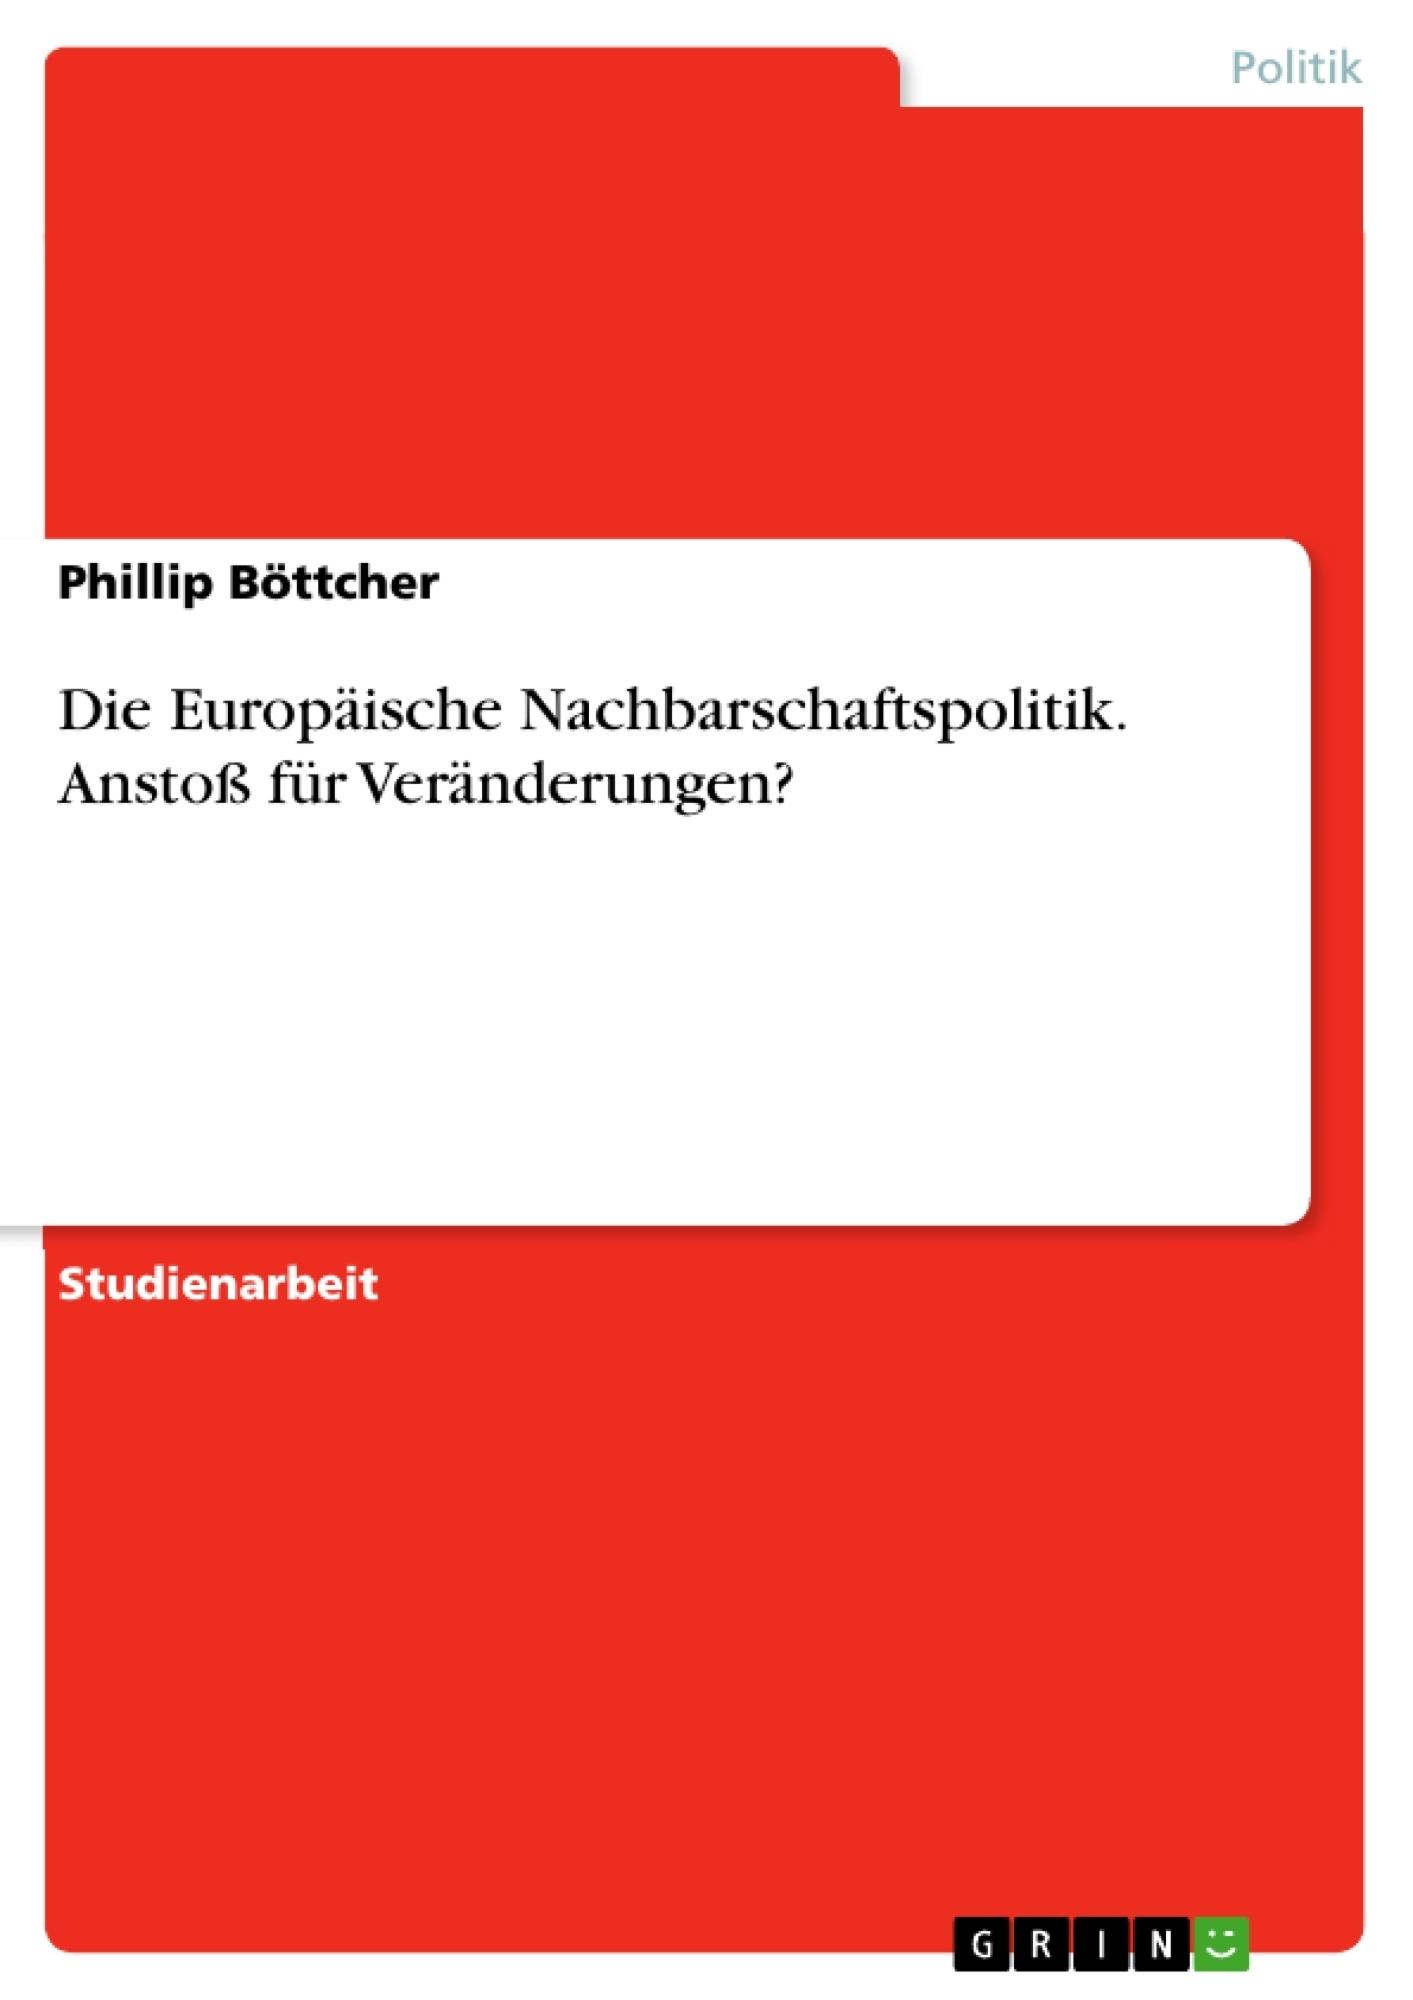 Titel: Die Europäische Nachbarschaftspolitik. Anstoß für Veränderungen?